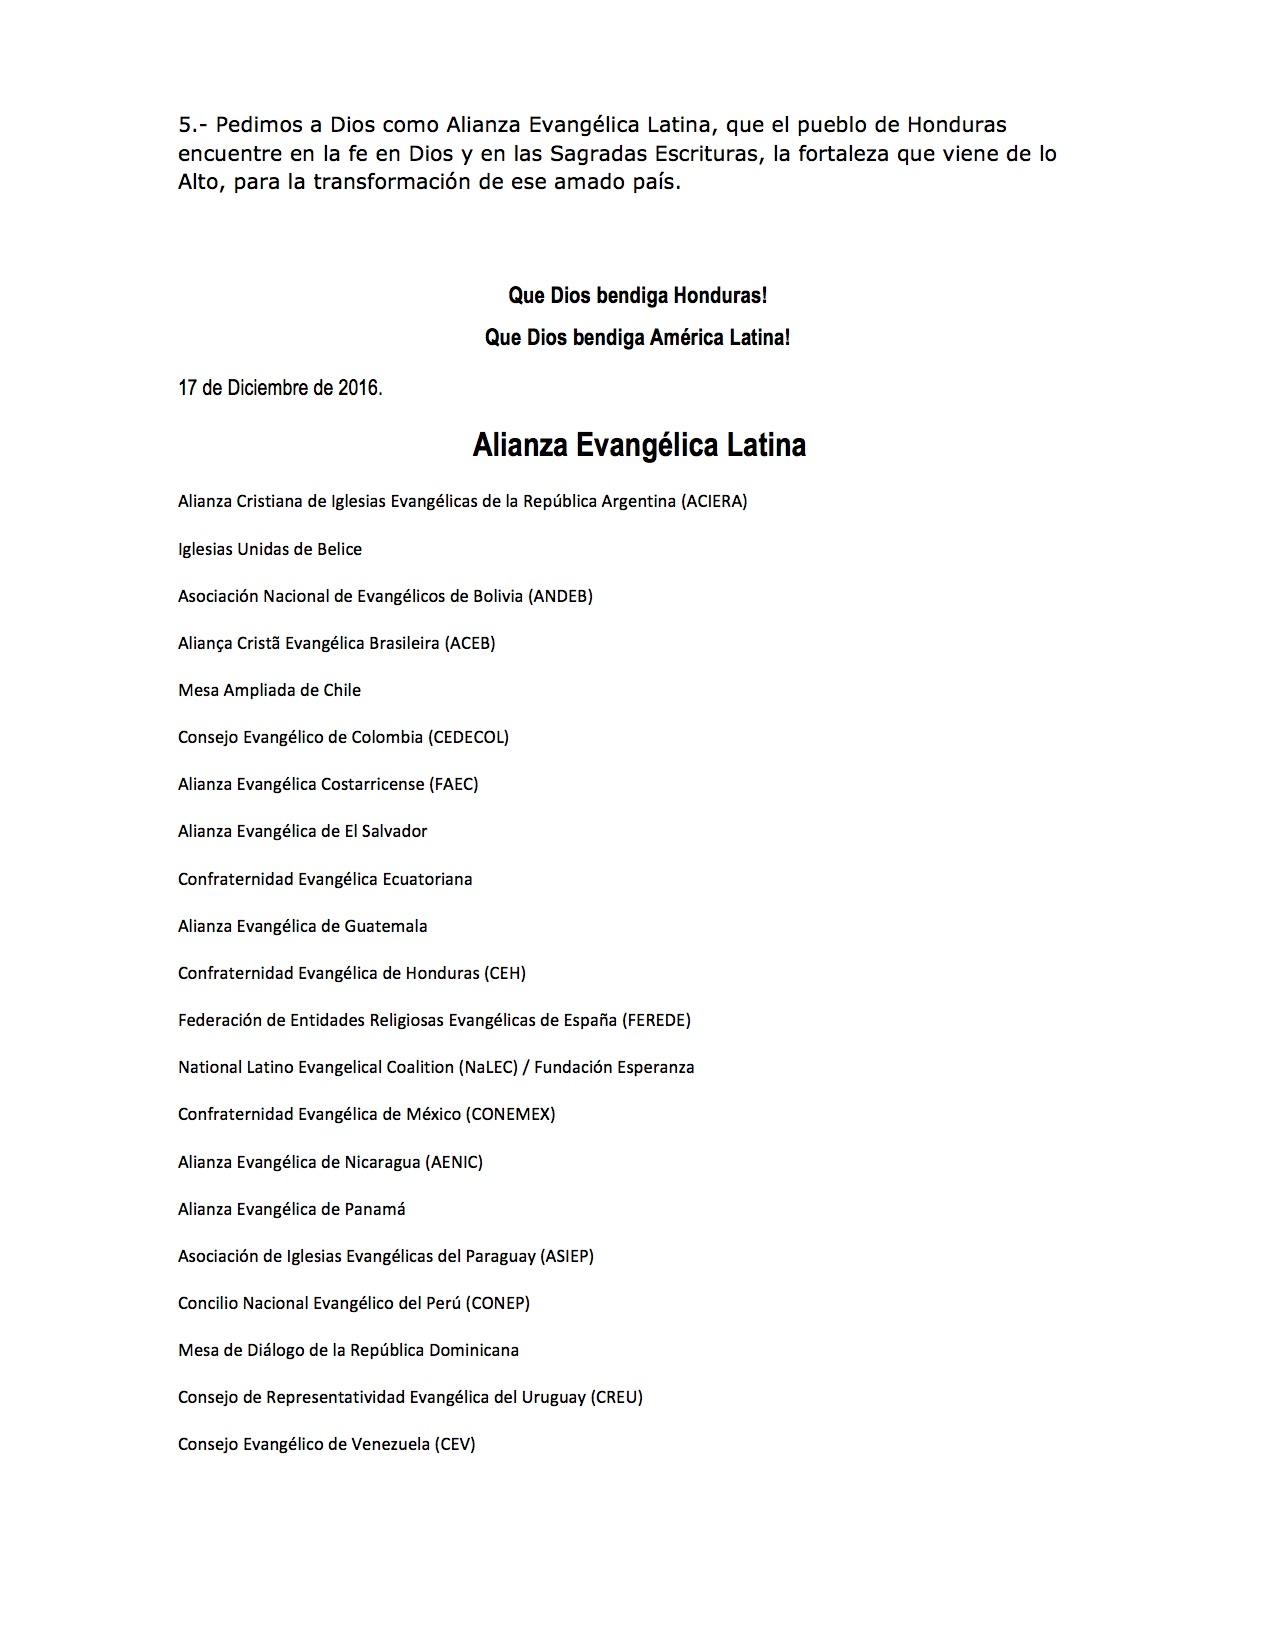 AEL COMUNICADO POR ATENTADO EN HONDURAS ACIERA2